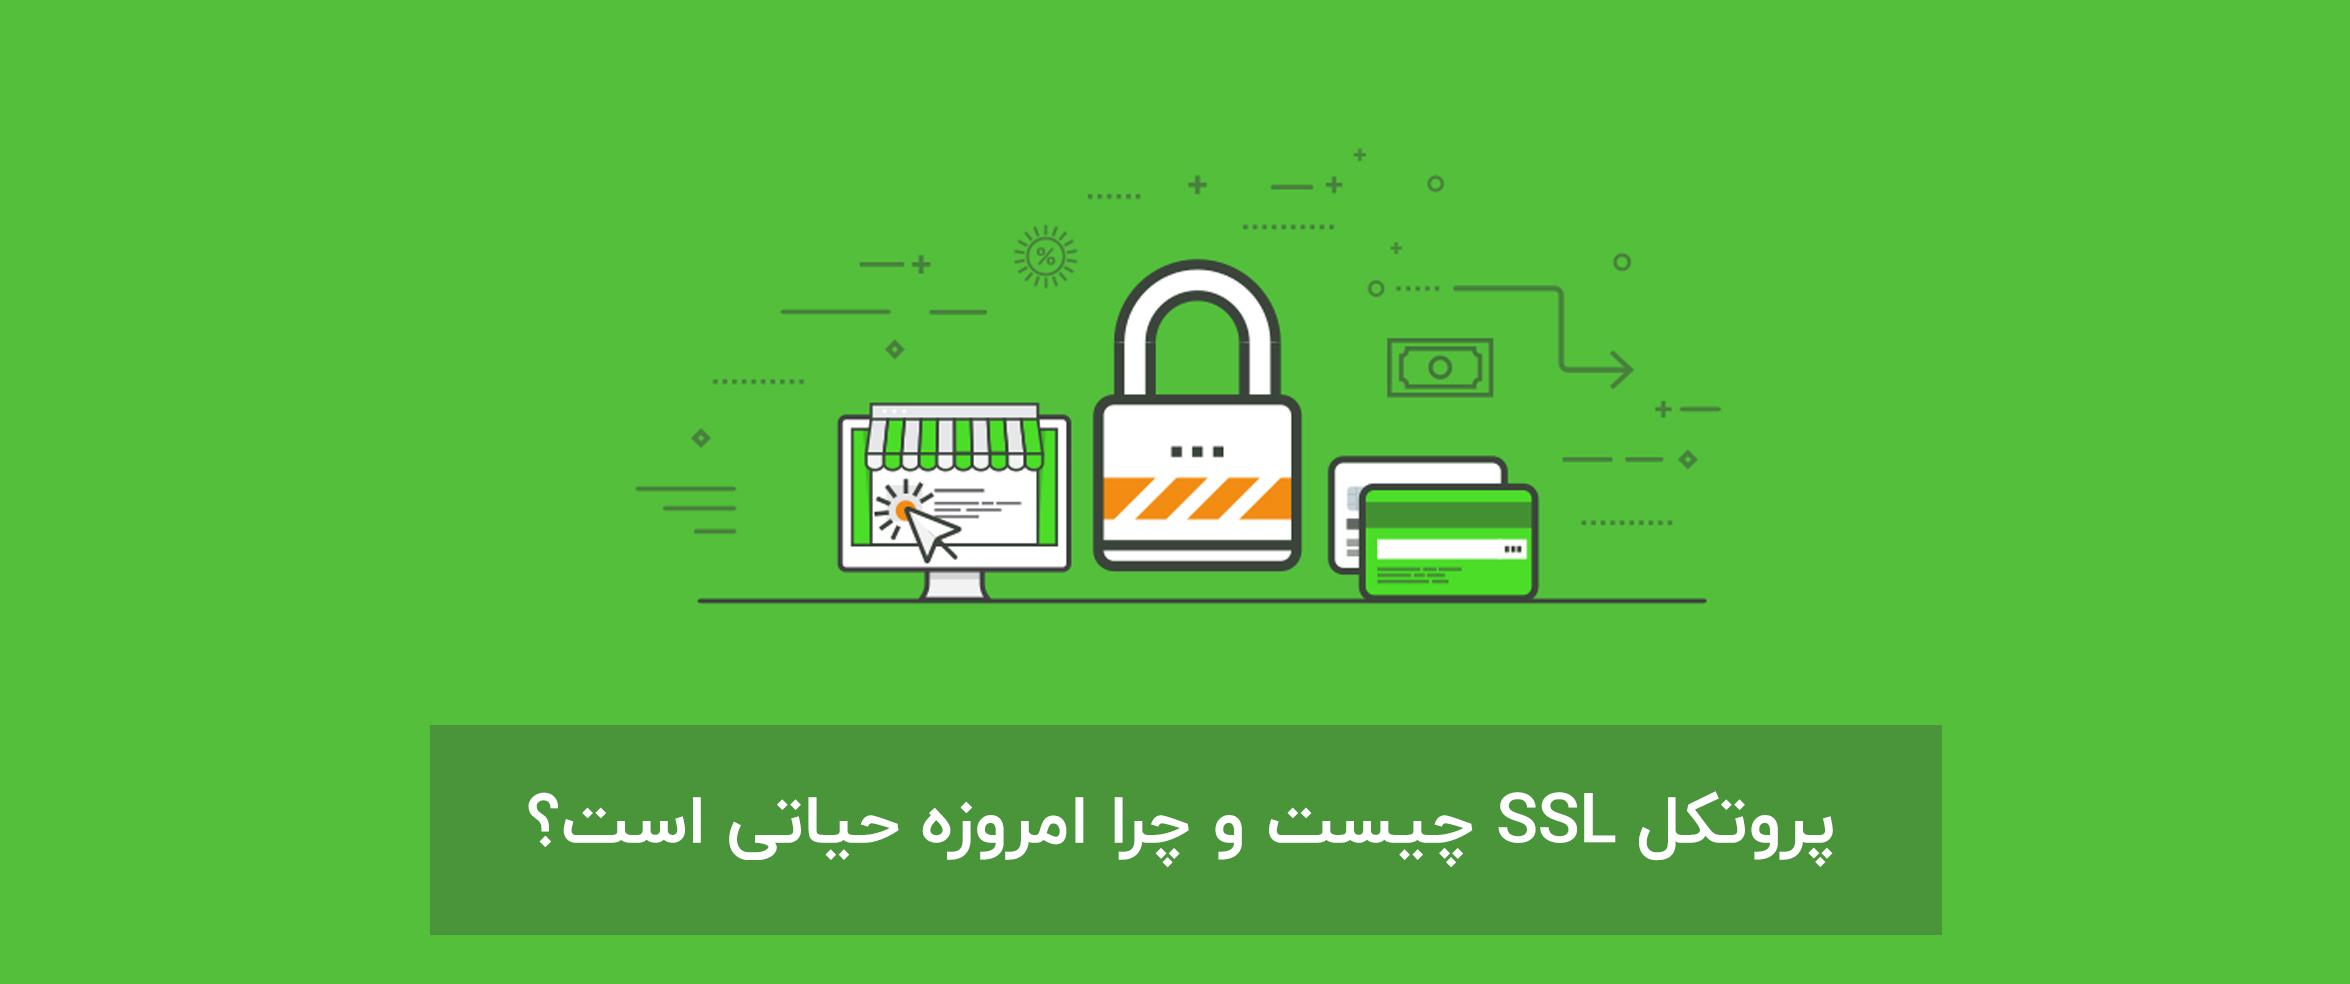 پروتکل ssl چیست و چرا امروزه حیاتی است؟